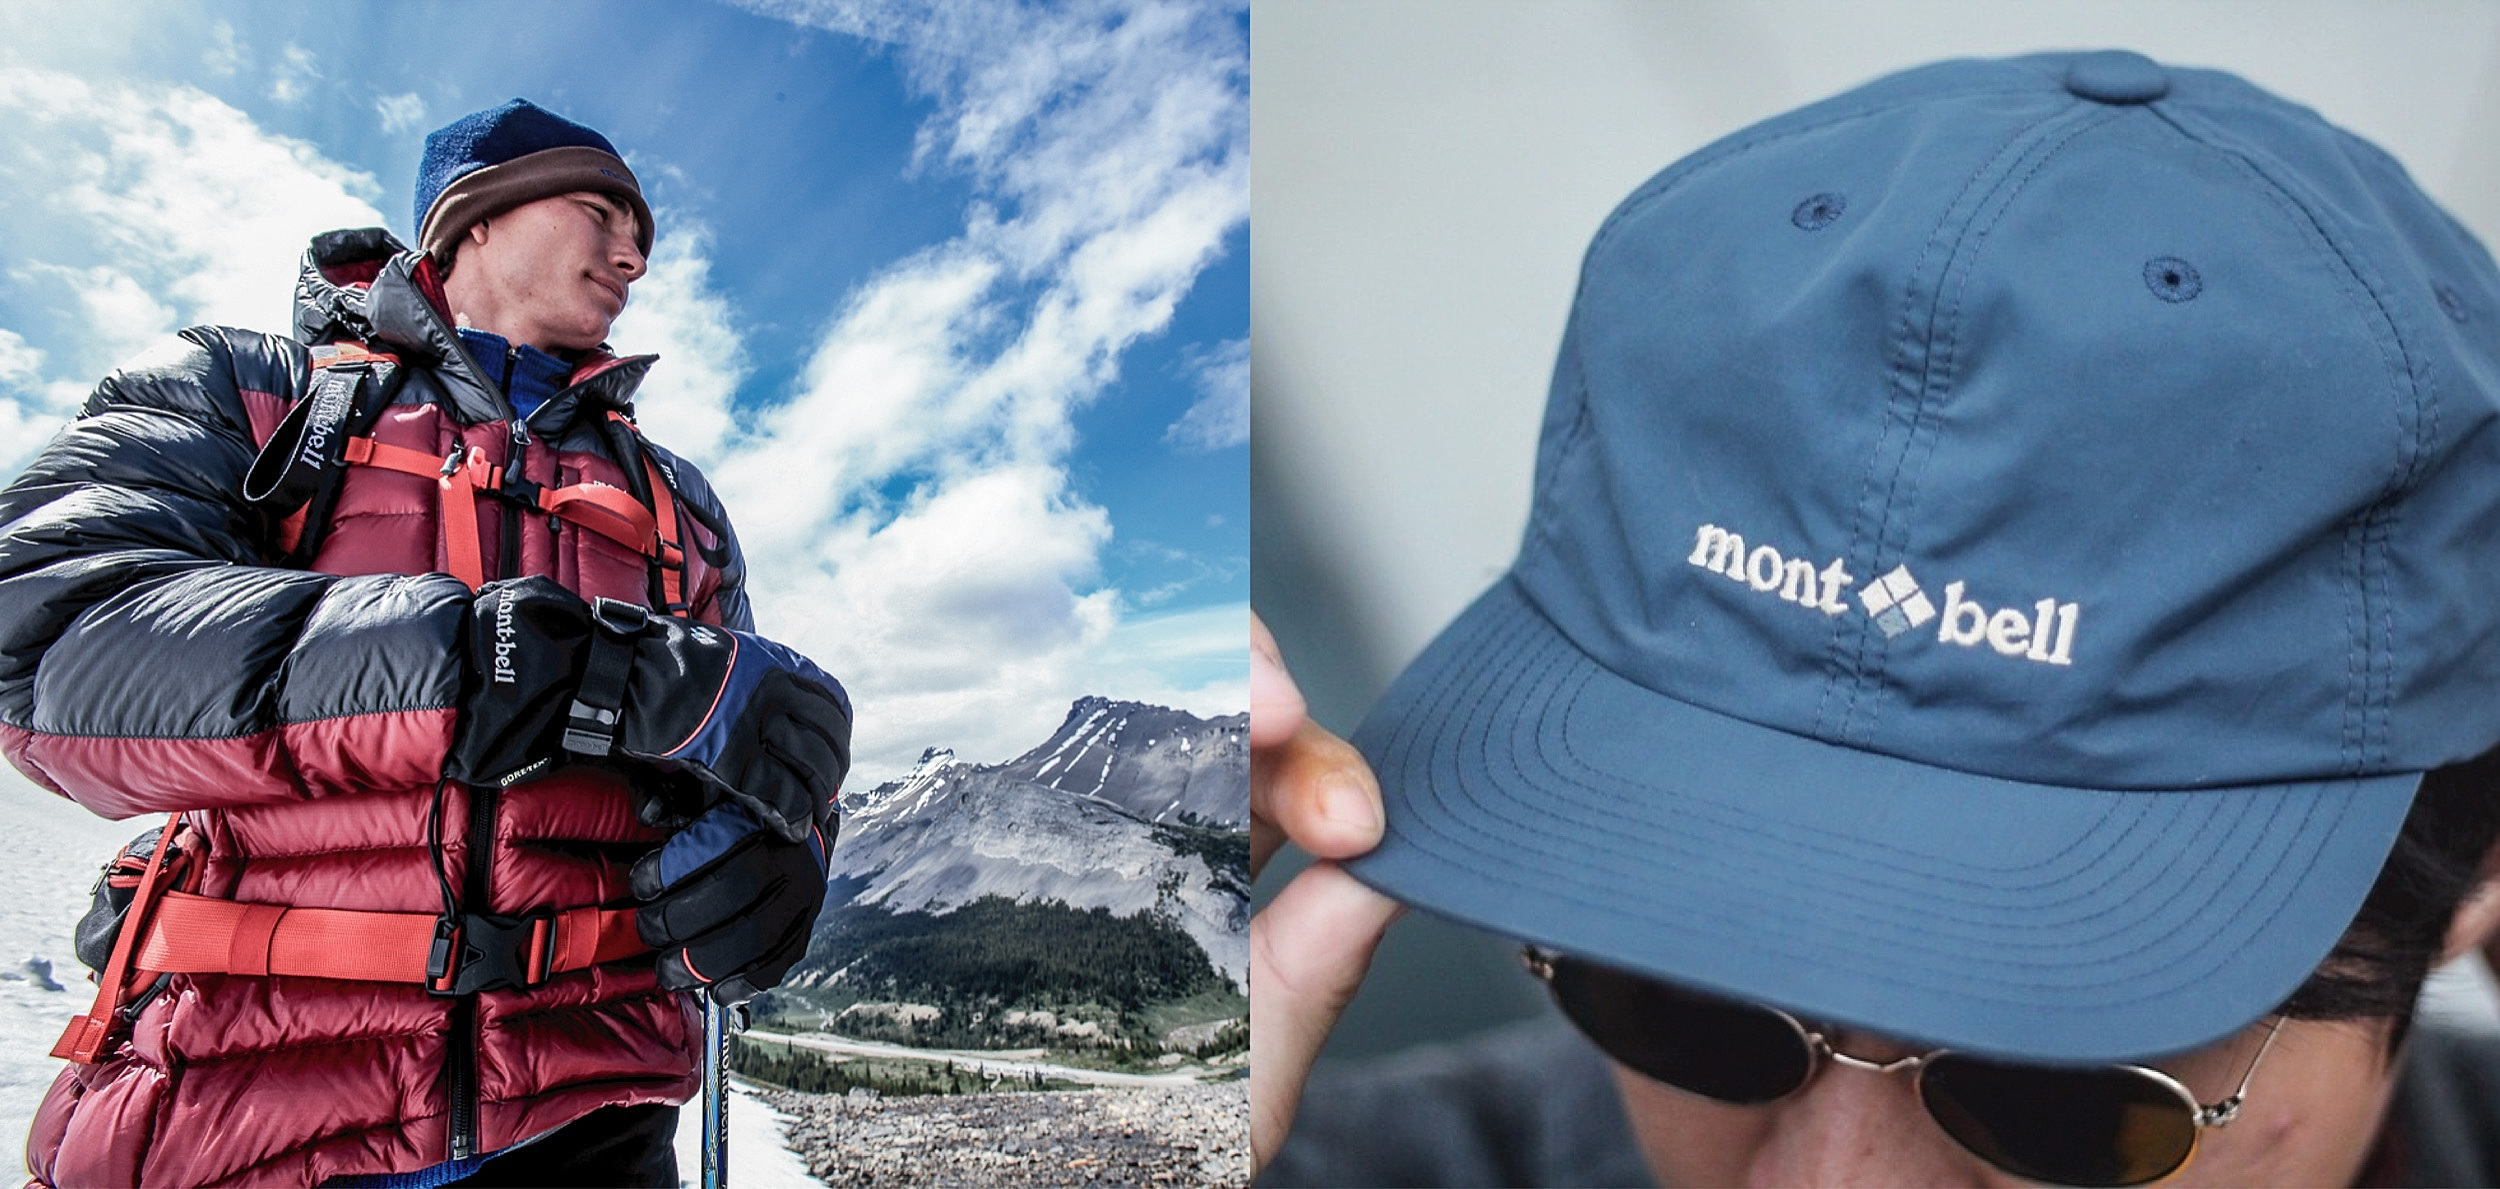 登山不再費力!一窺 mont-bell 「輕即是美」品牌理念